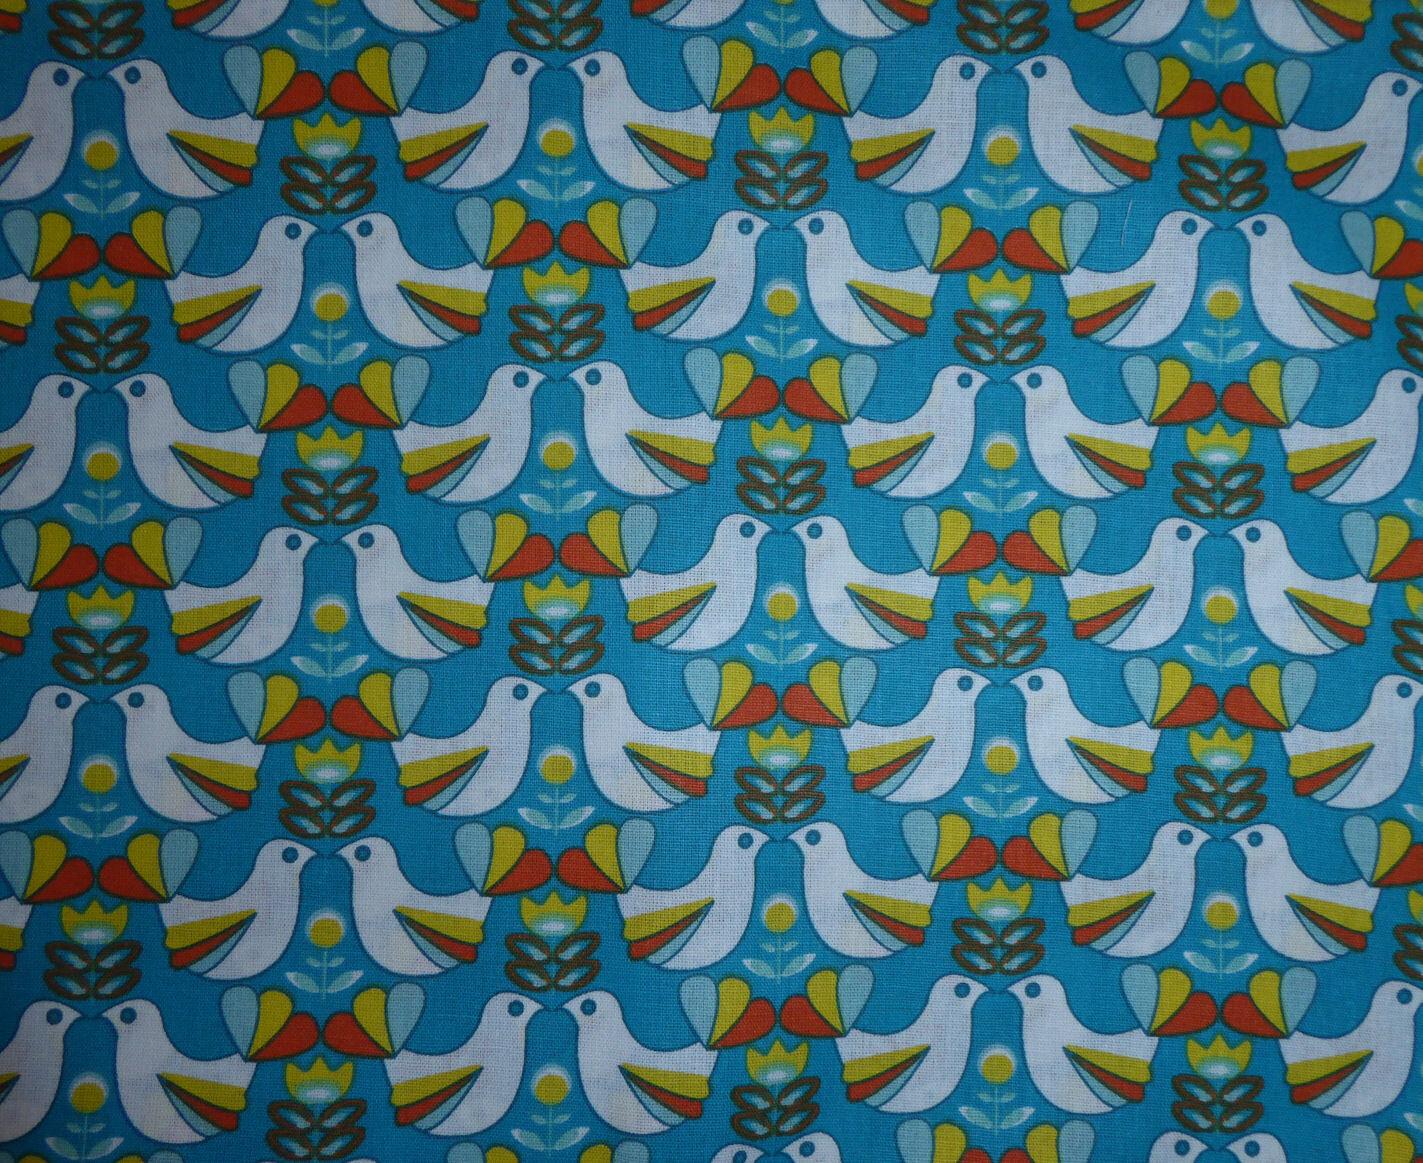 540 - Les oiseaux en retro